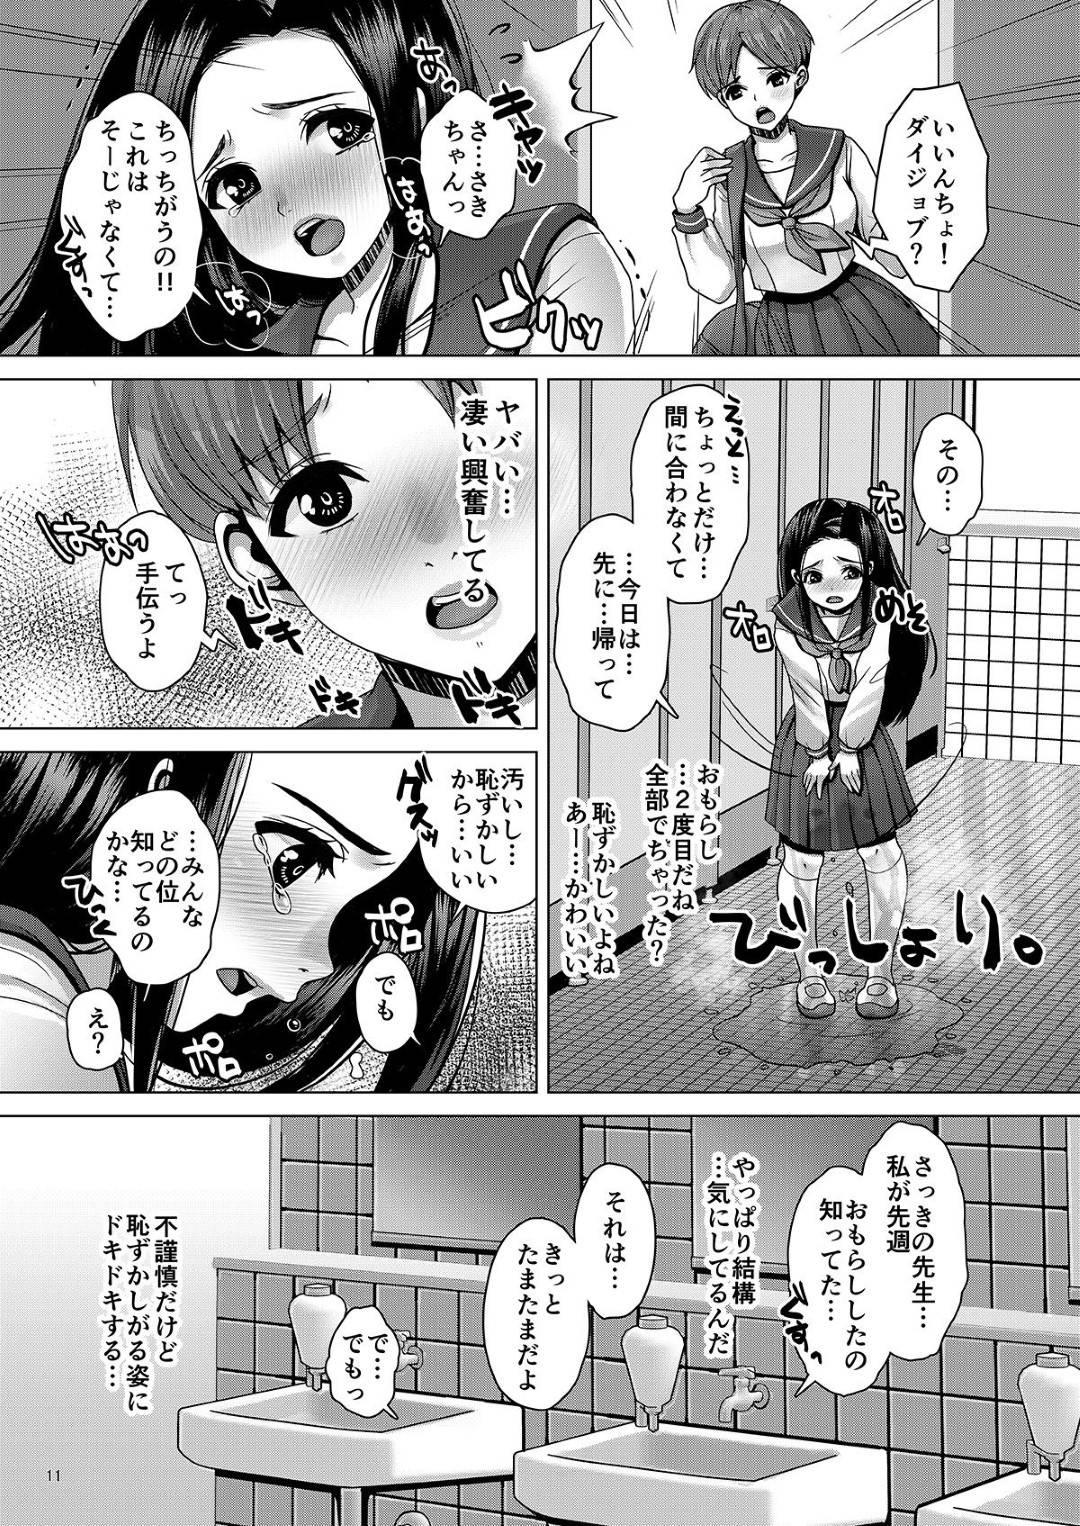 【エロ漫画】会議中におしっこを我慢する美女JC…やっとトイレに行けると思いきやトイレの前でお漏らしをして友達に見られたが優しさで乗り切り、オムツをして寝ることに。夢でも放尿して結果おねしょしていた。【七吉。:DECHAU 2.0】